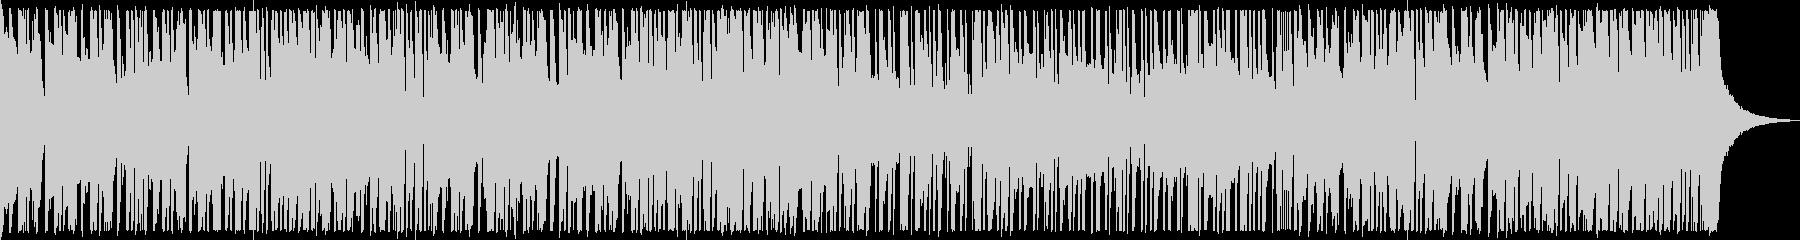 ブルースロック研究所ざらざらしたス...の未再生の波形